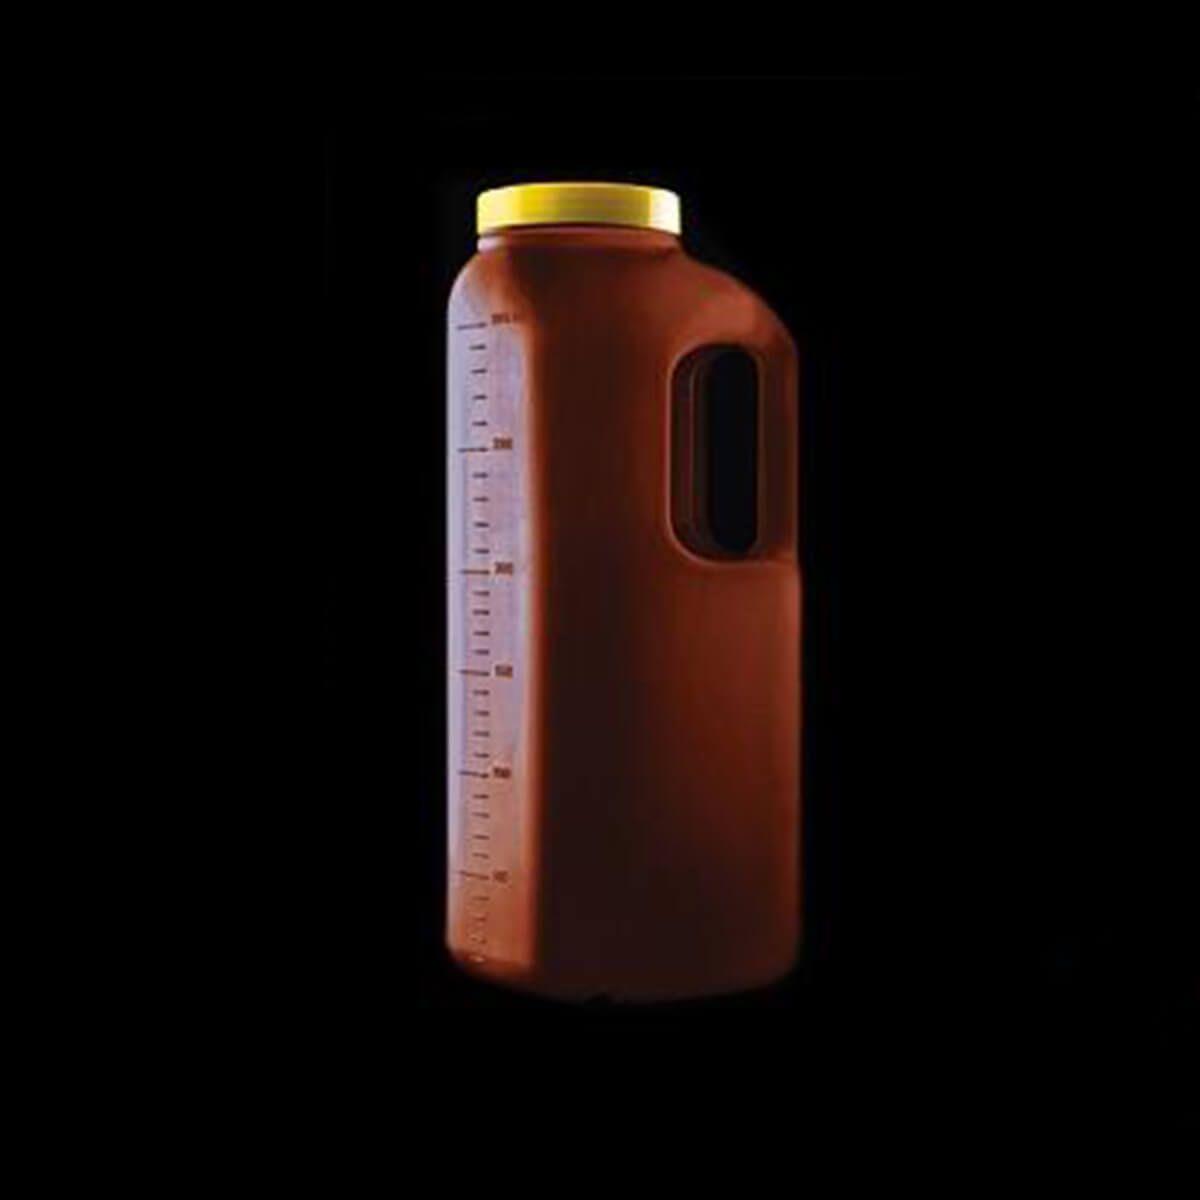 Coletor de Urina 24 Horas a Granel 3 Litros com Alça Unidade